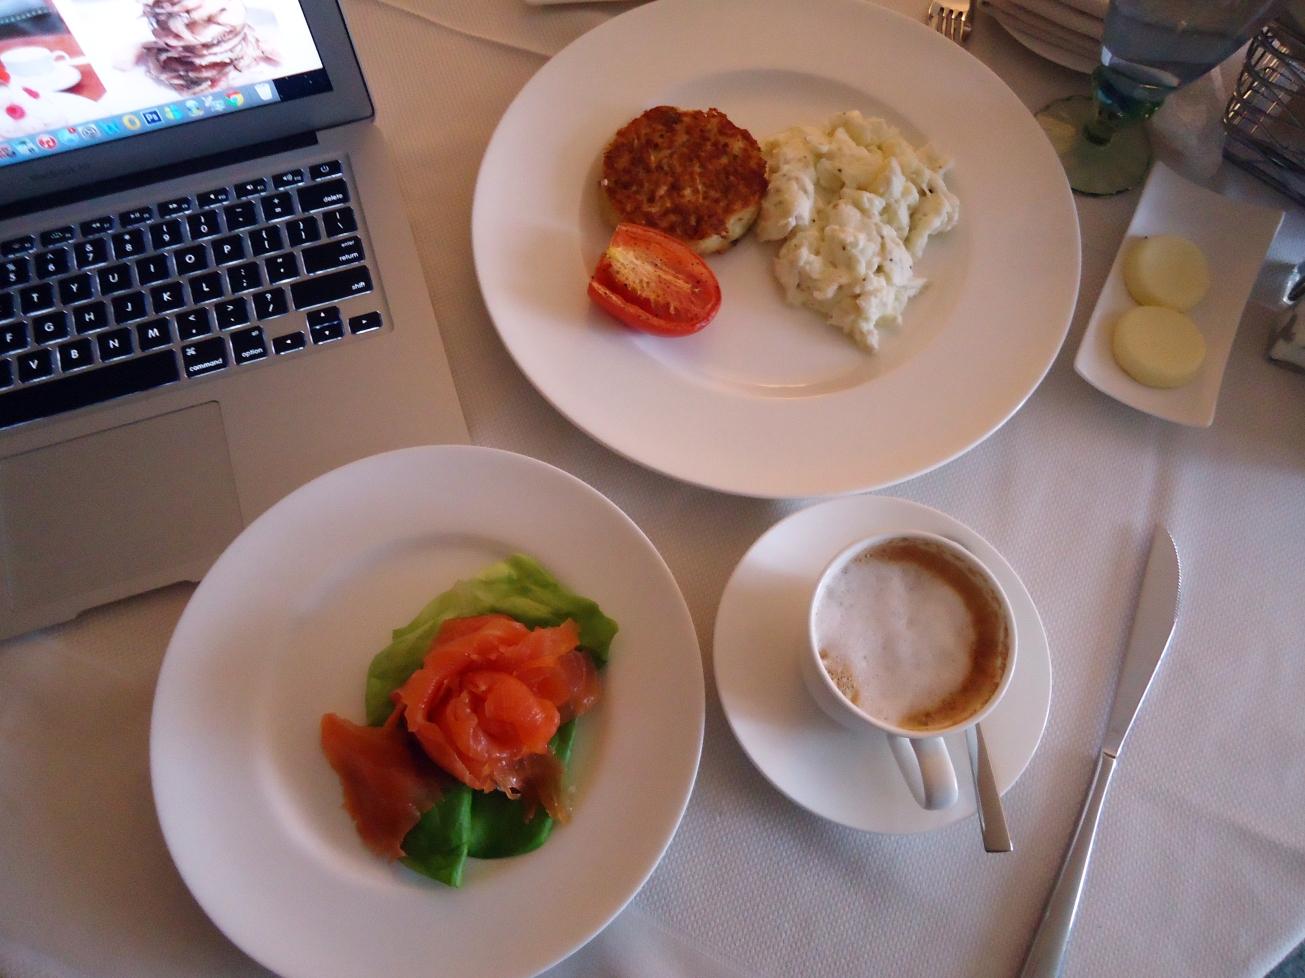 breakfastfull